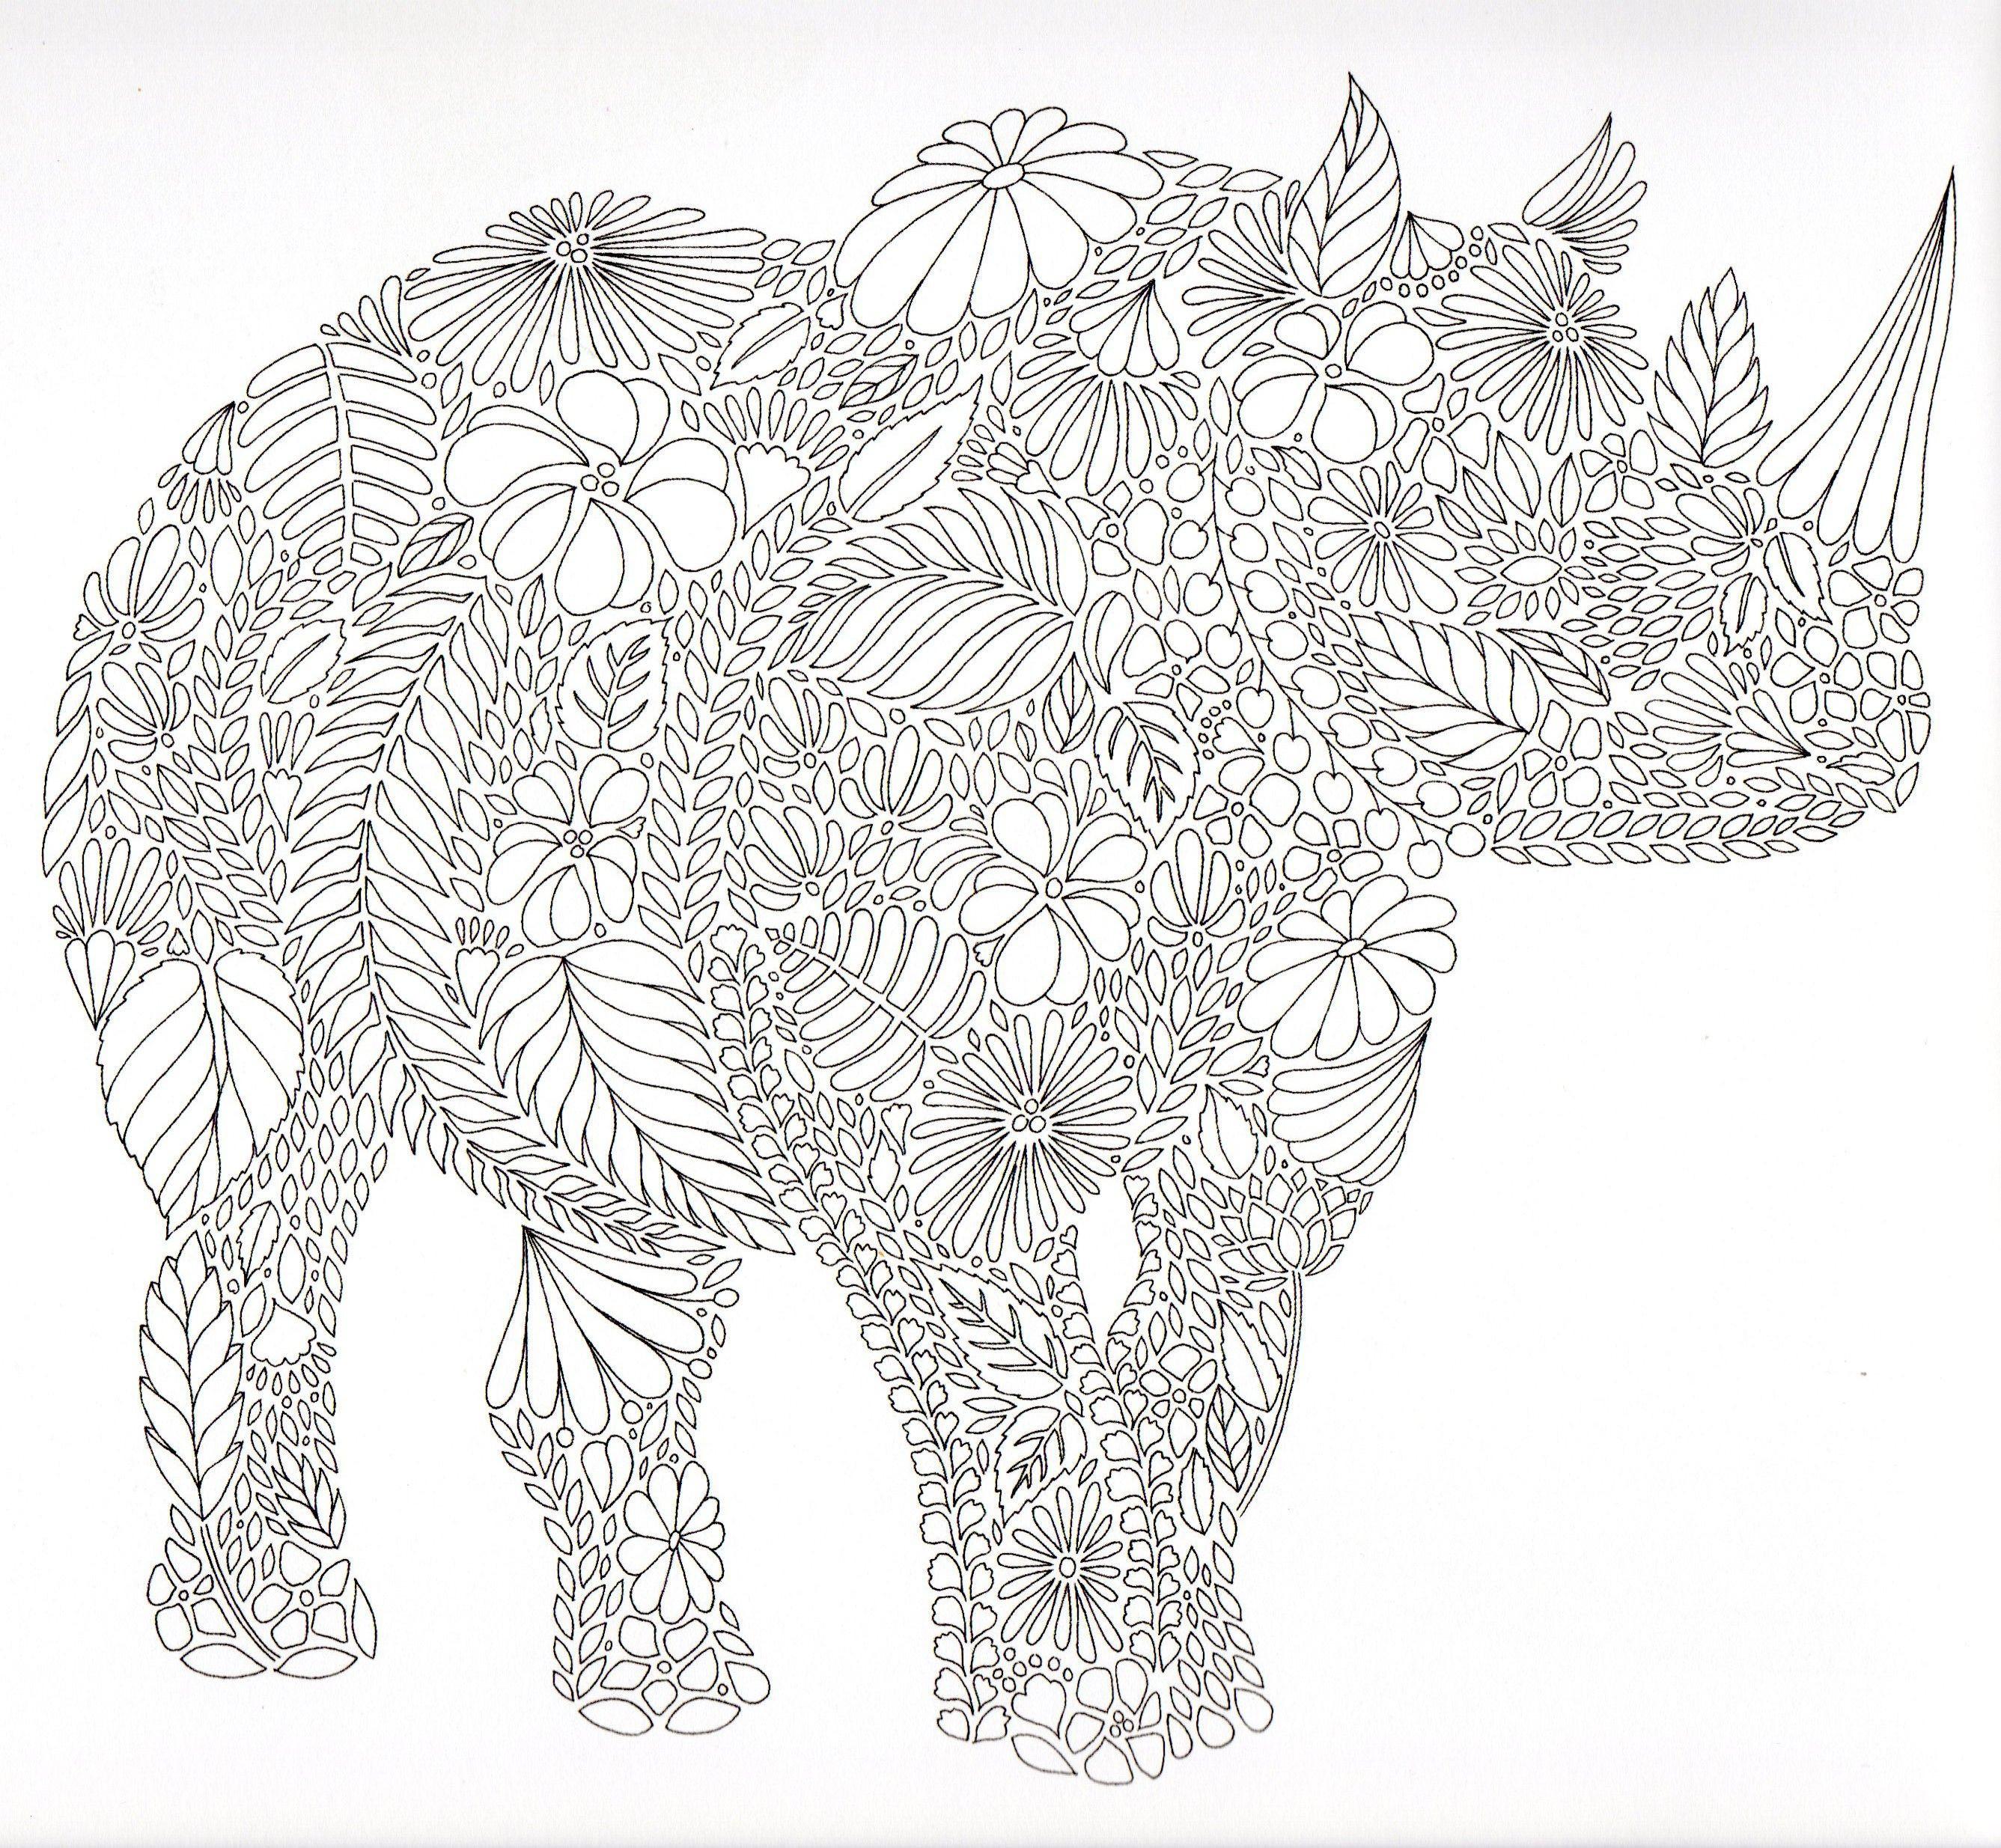 Baby Ohnezahn Ausmalbilder Das Beste Von Mandala Nashorn Vorlage Pinterest Frisch Malvorlagen Mandalas Das Bild